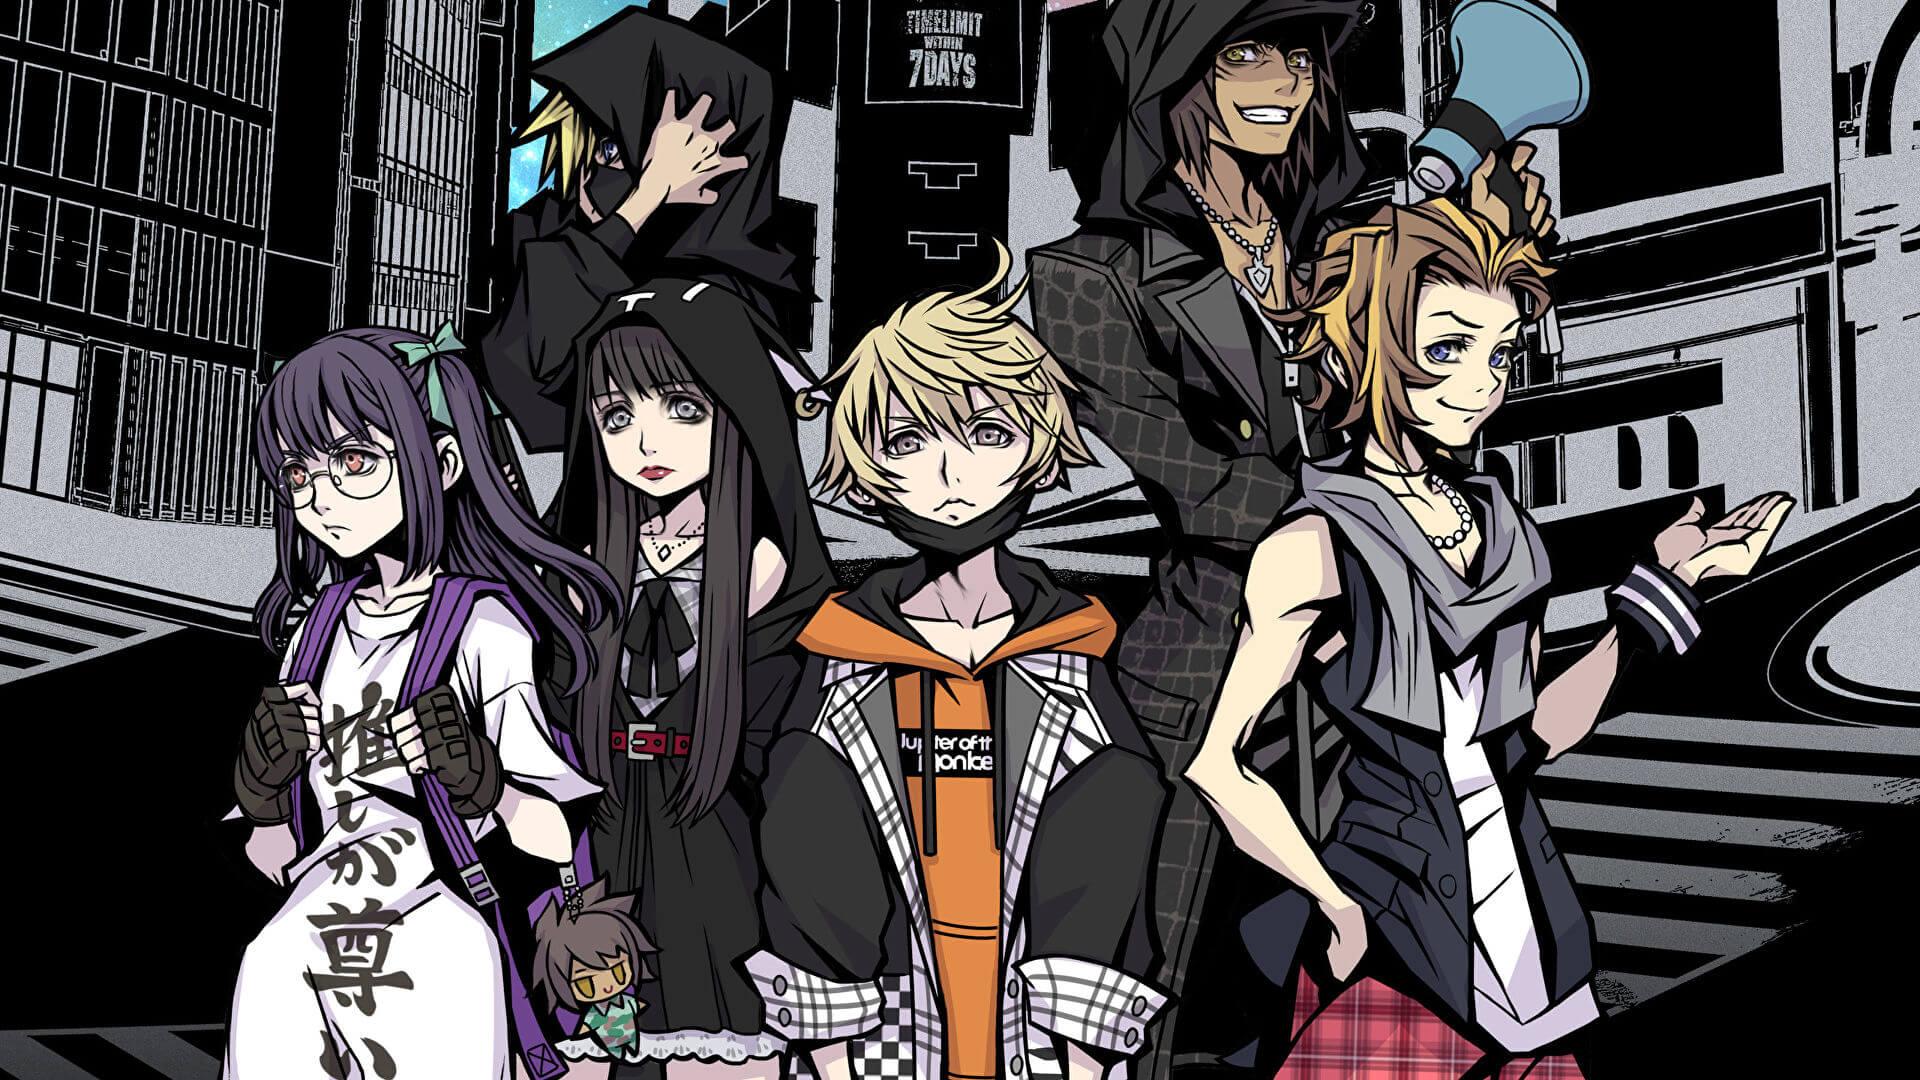 NEO: The World Ends With You desvela una nueva imagen con sus personajes